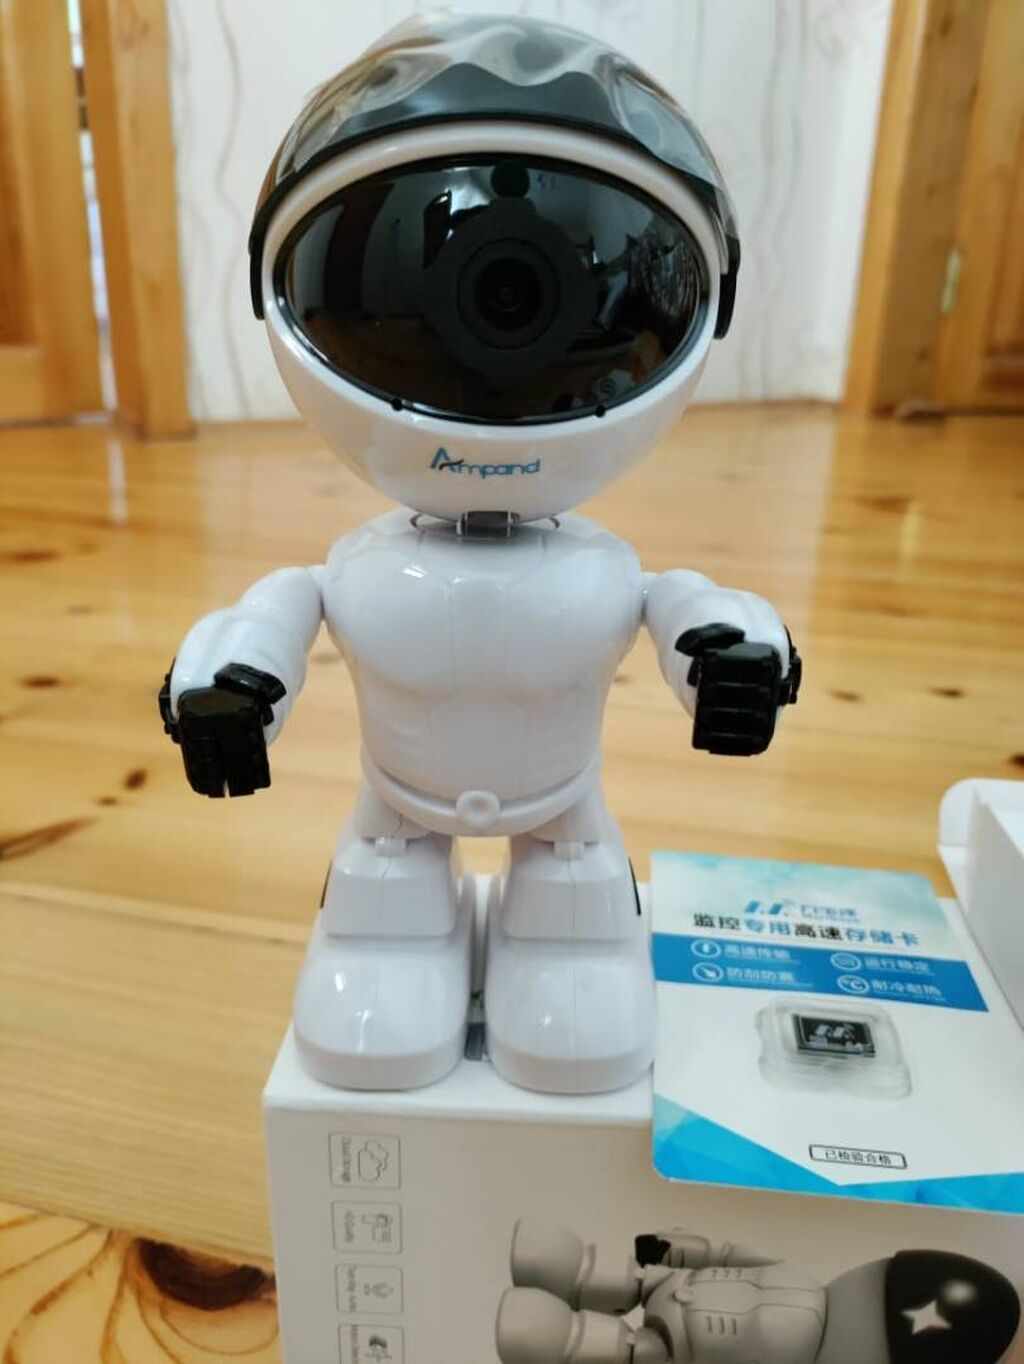 Yuksek keyfiyyetli WiFi Smart Camera, robot formasinda evdə her seye: Yuksek keyfiyyetli WiFi Smart Camera, robot formasinda evdə her seye